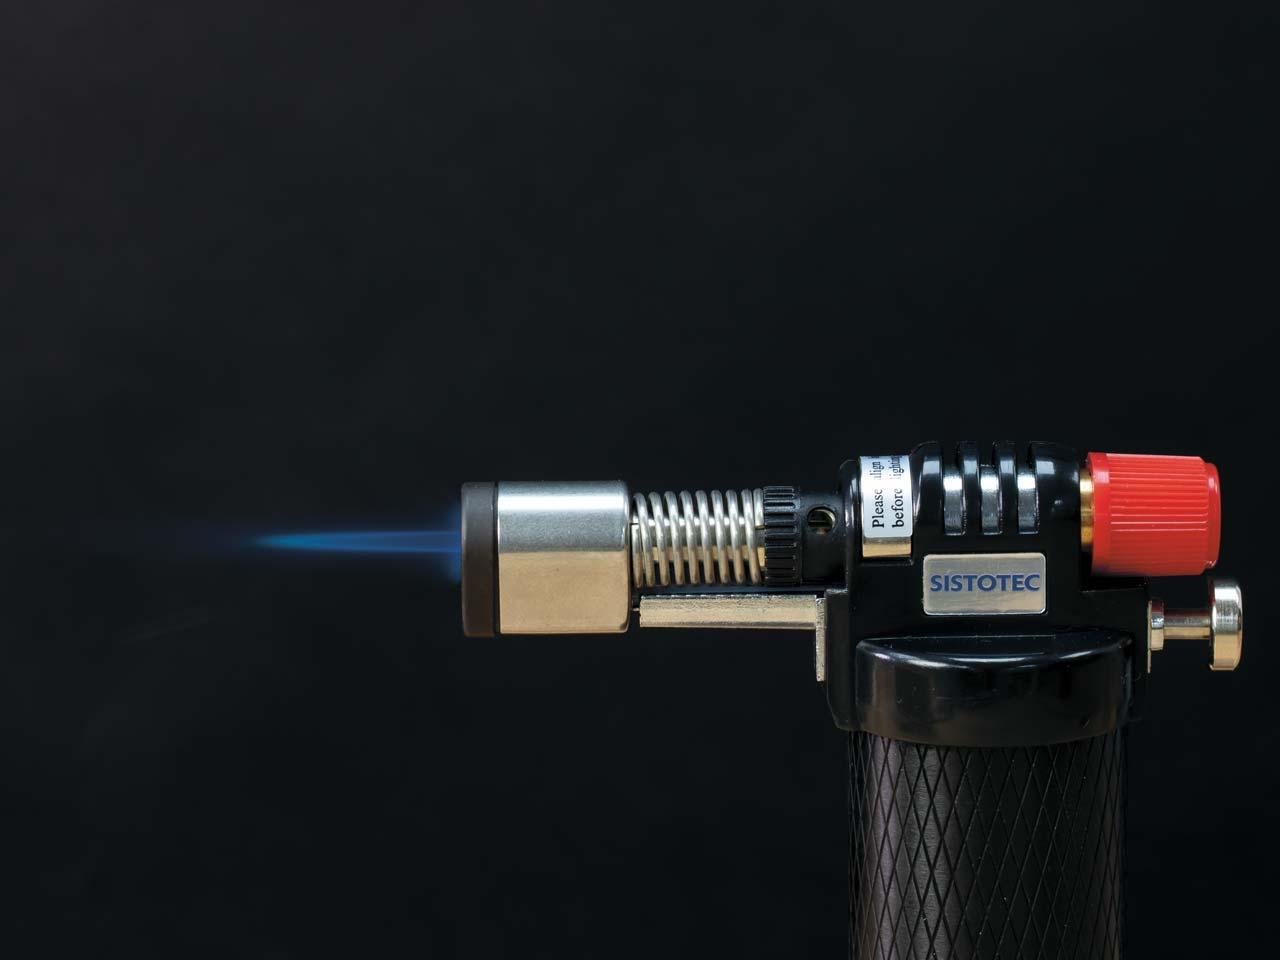 Solder-Tec Jeweller/'s Handheld Soldering Blow Torch Max 1300°C Temp